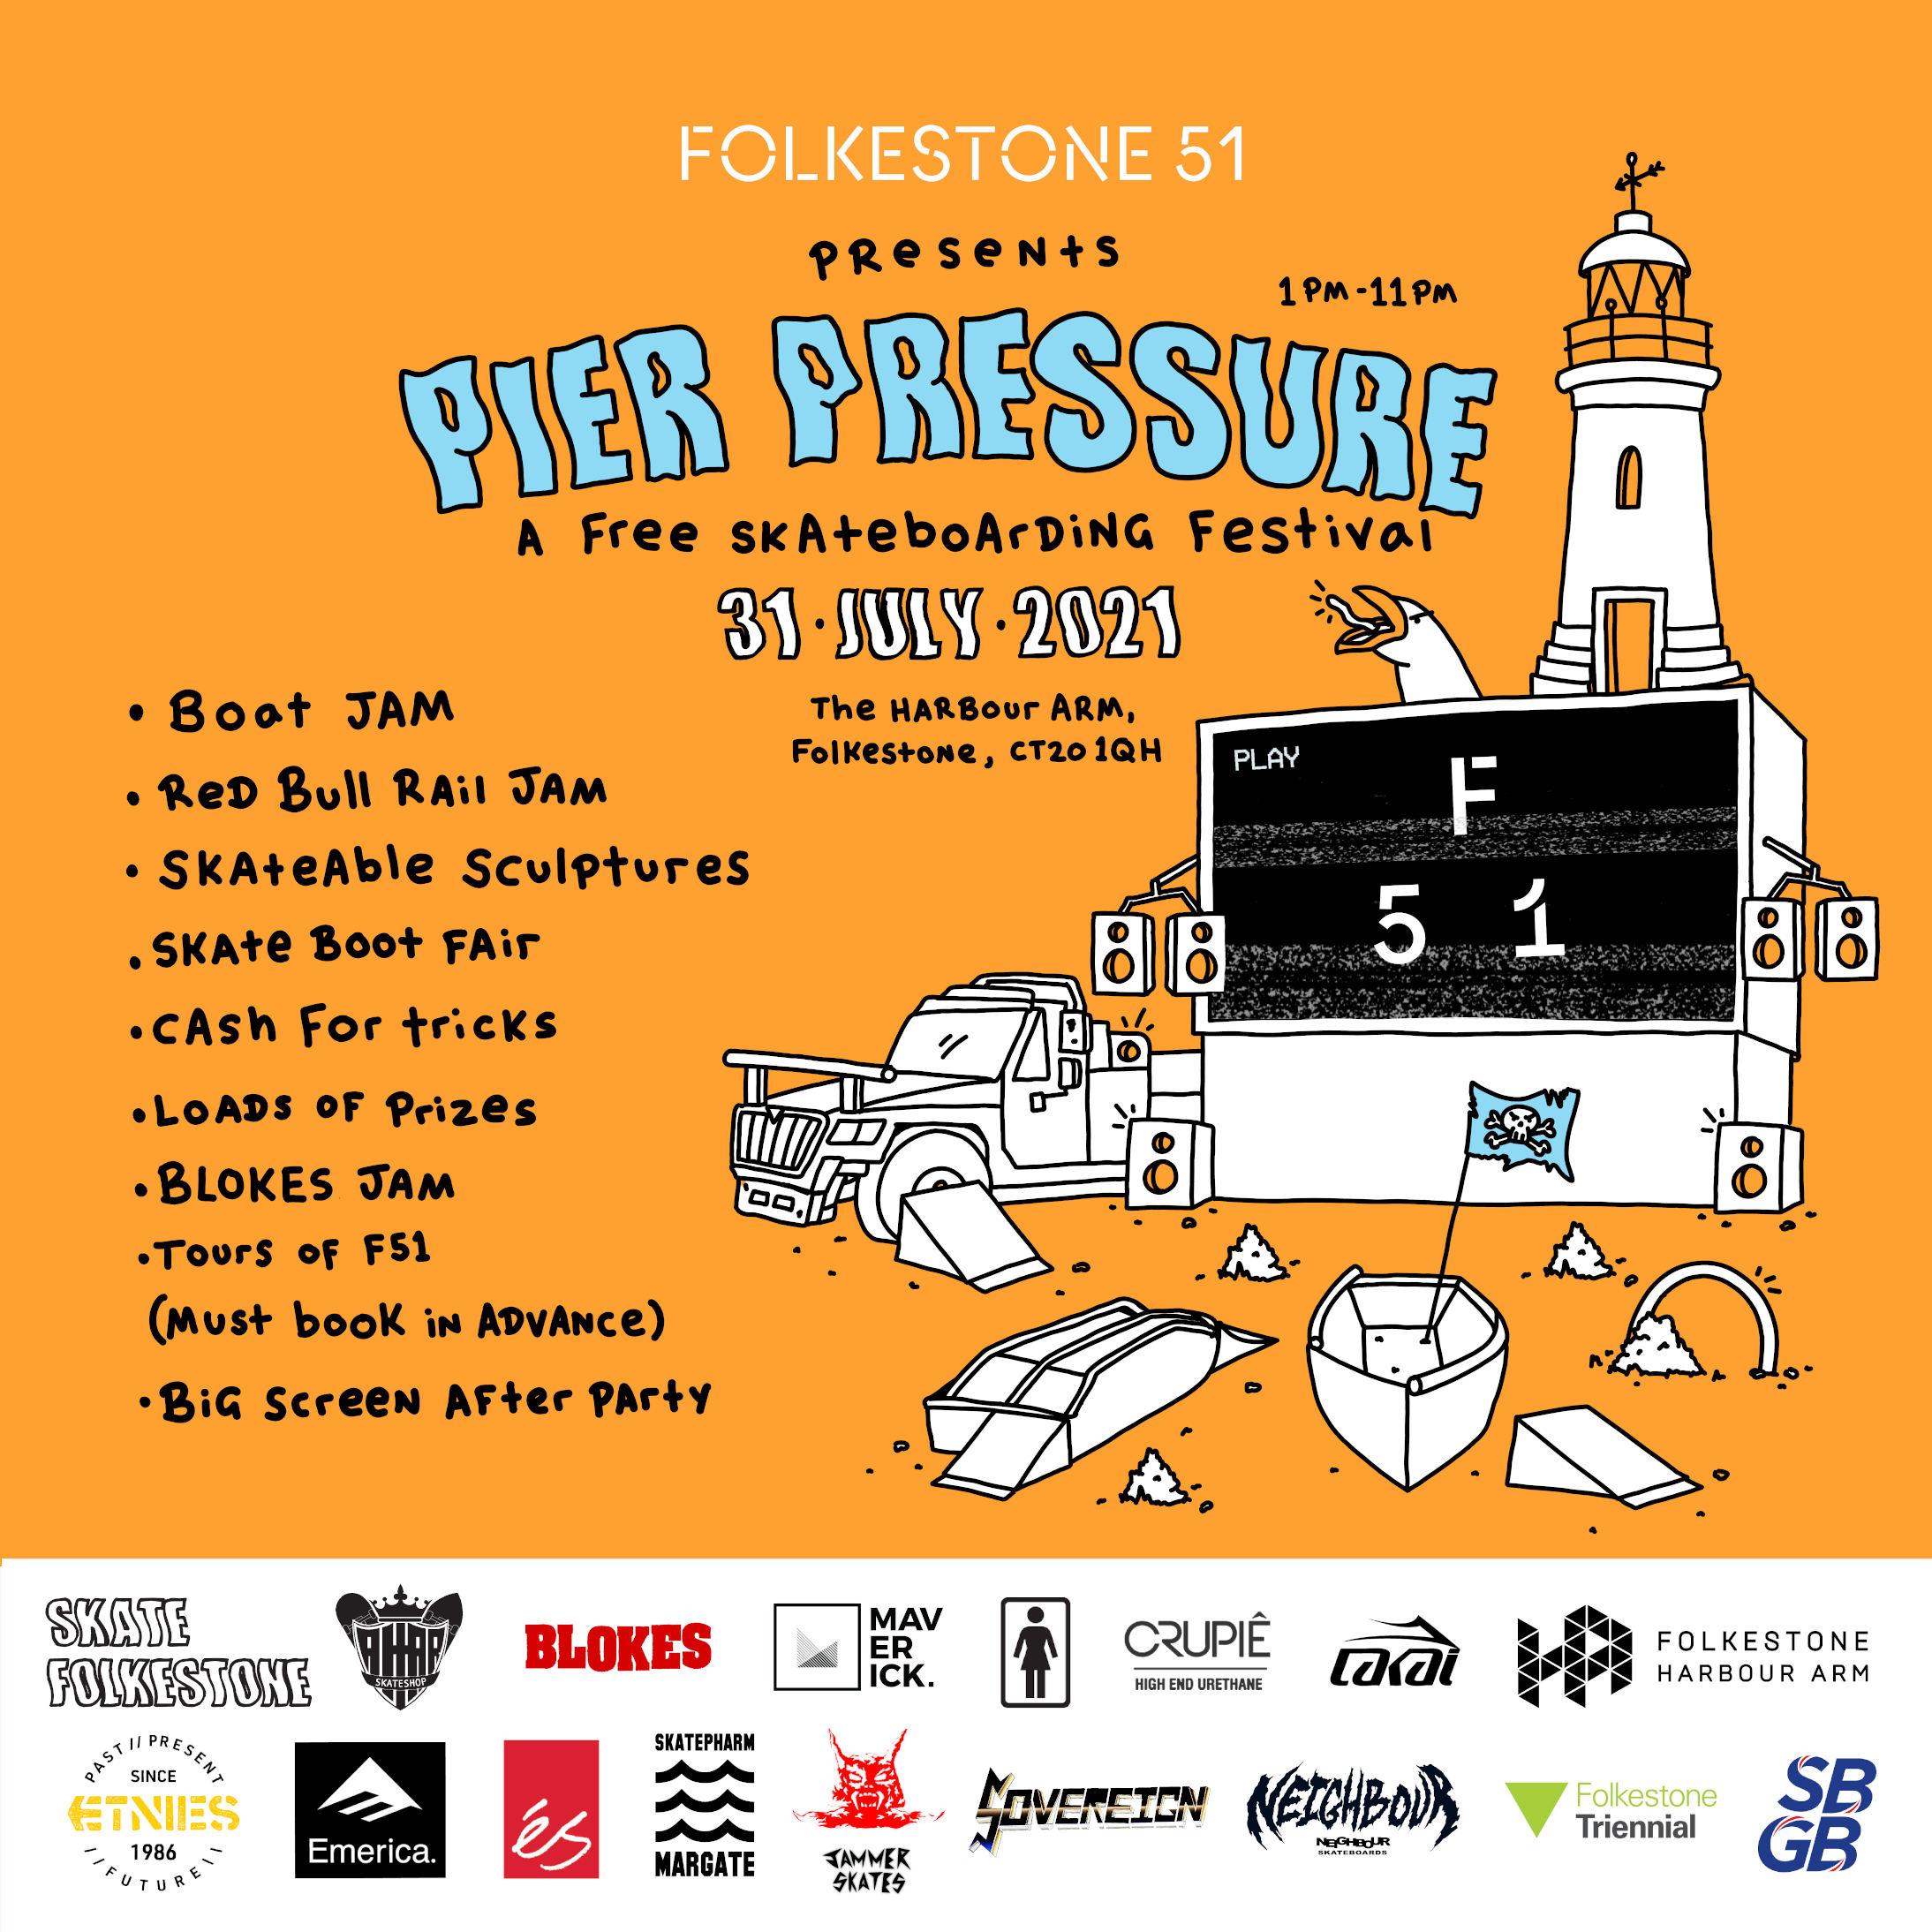 Pier Pressure July 31st 2021